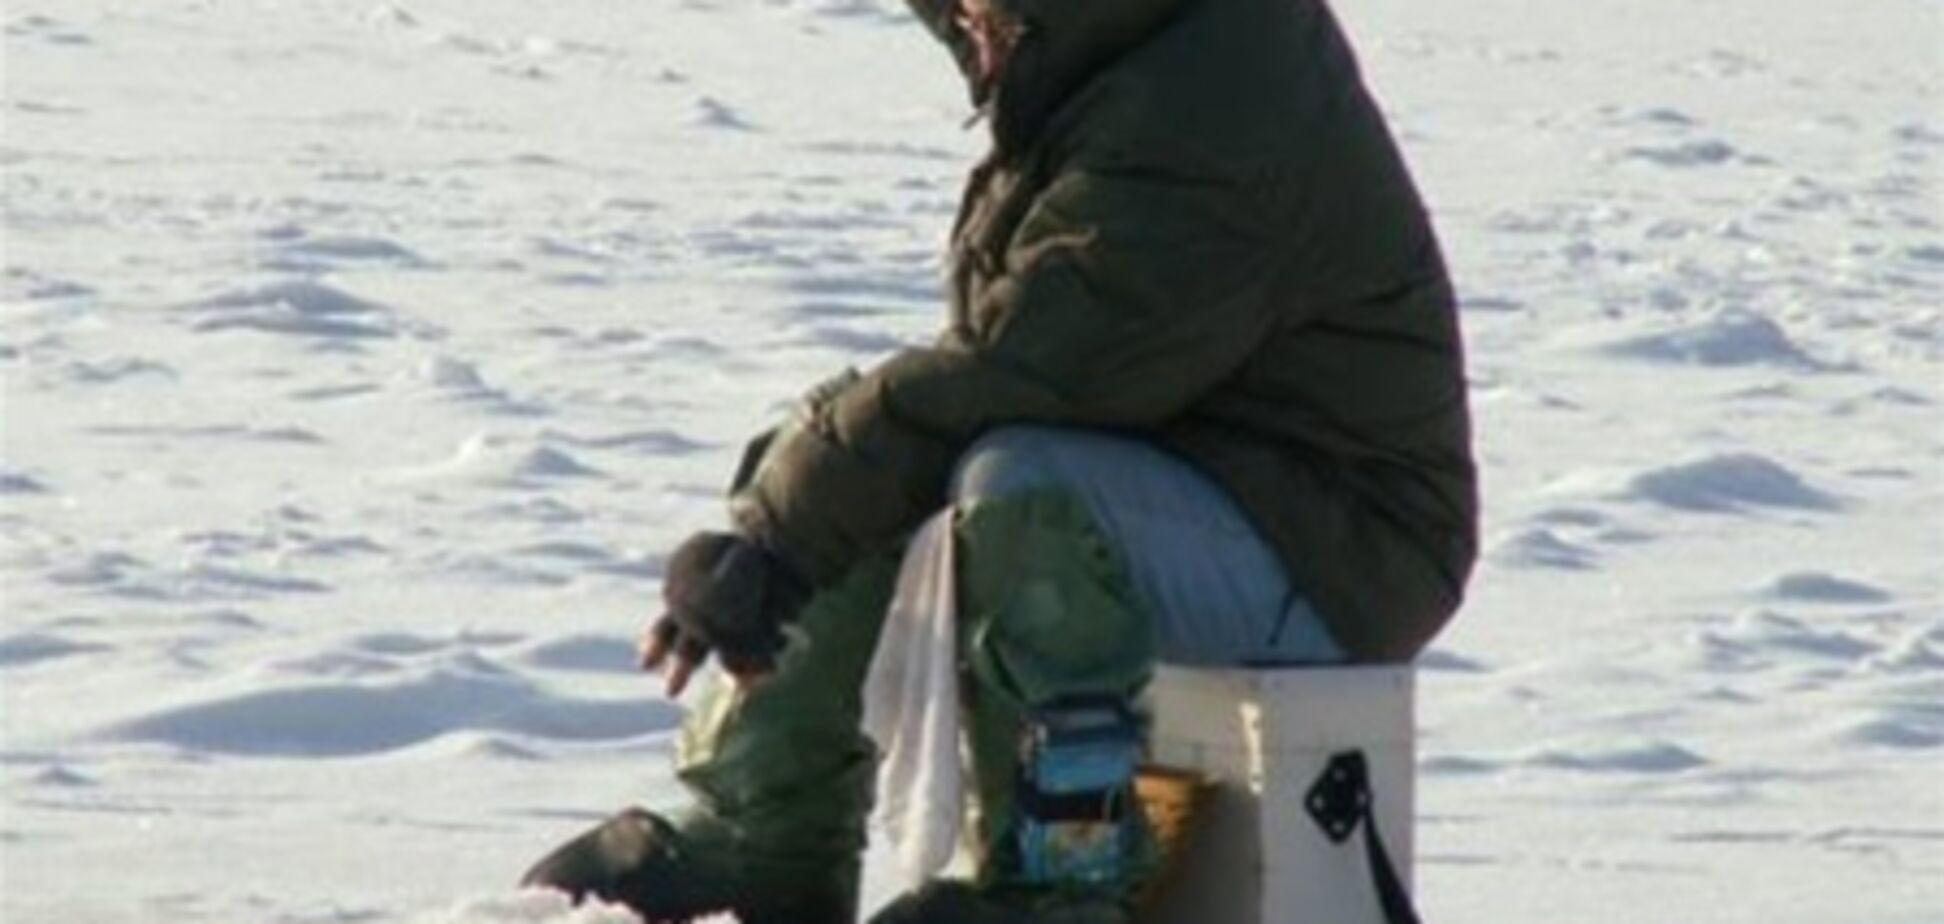 На Кременчугском водохранилище ищут пропавших рыбаков